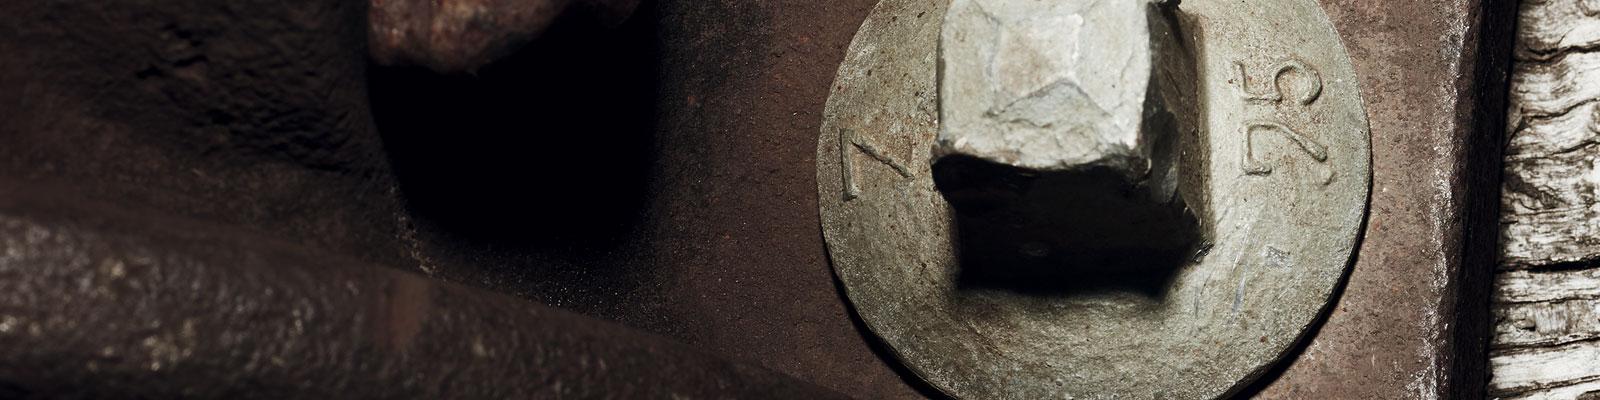 铁霸腕表 - 背景